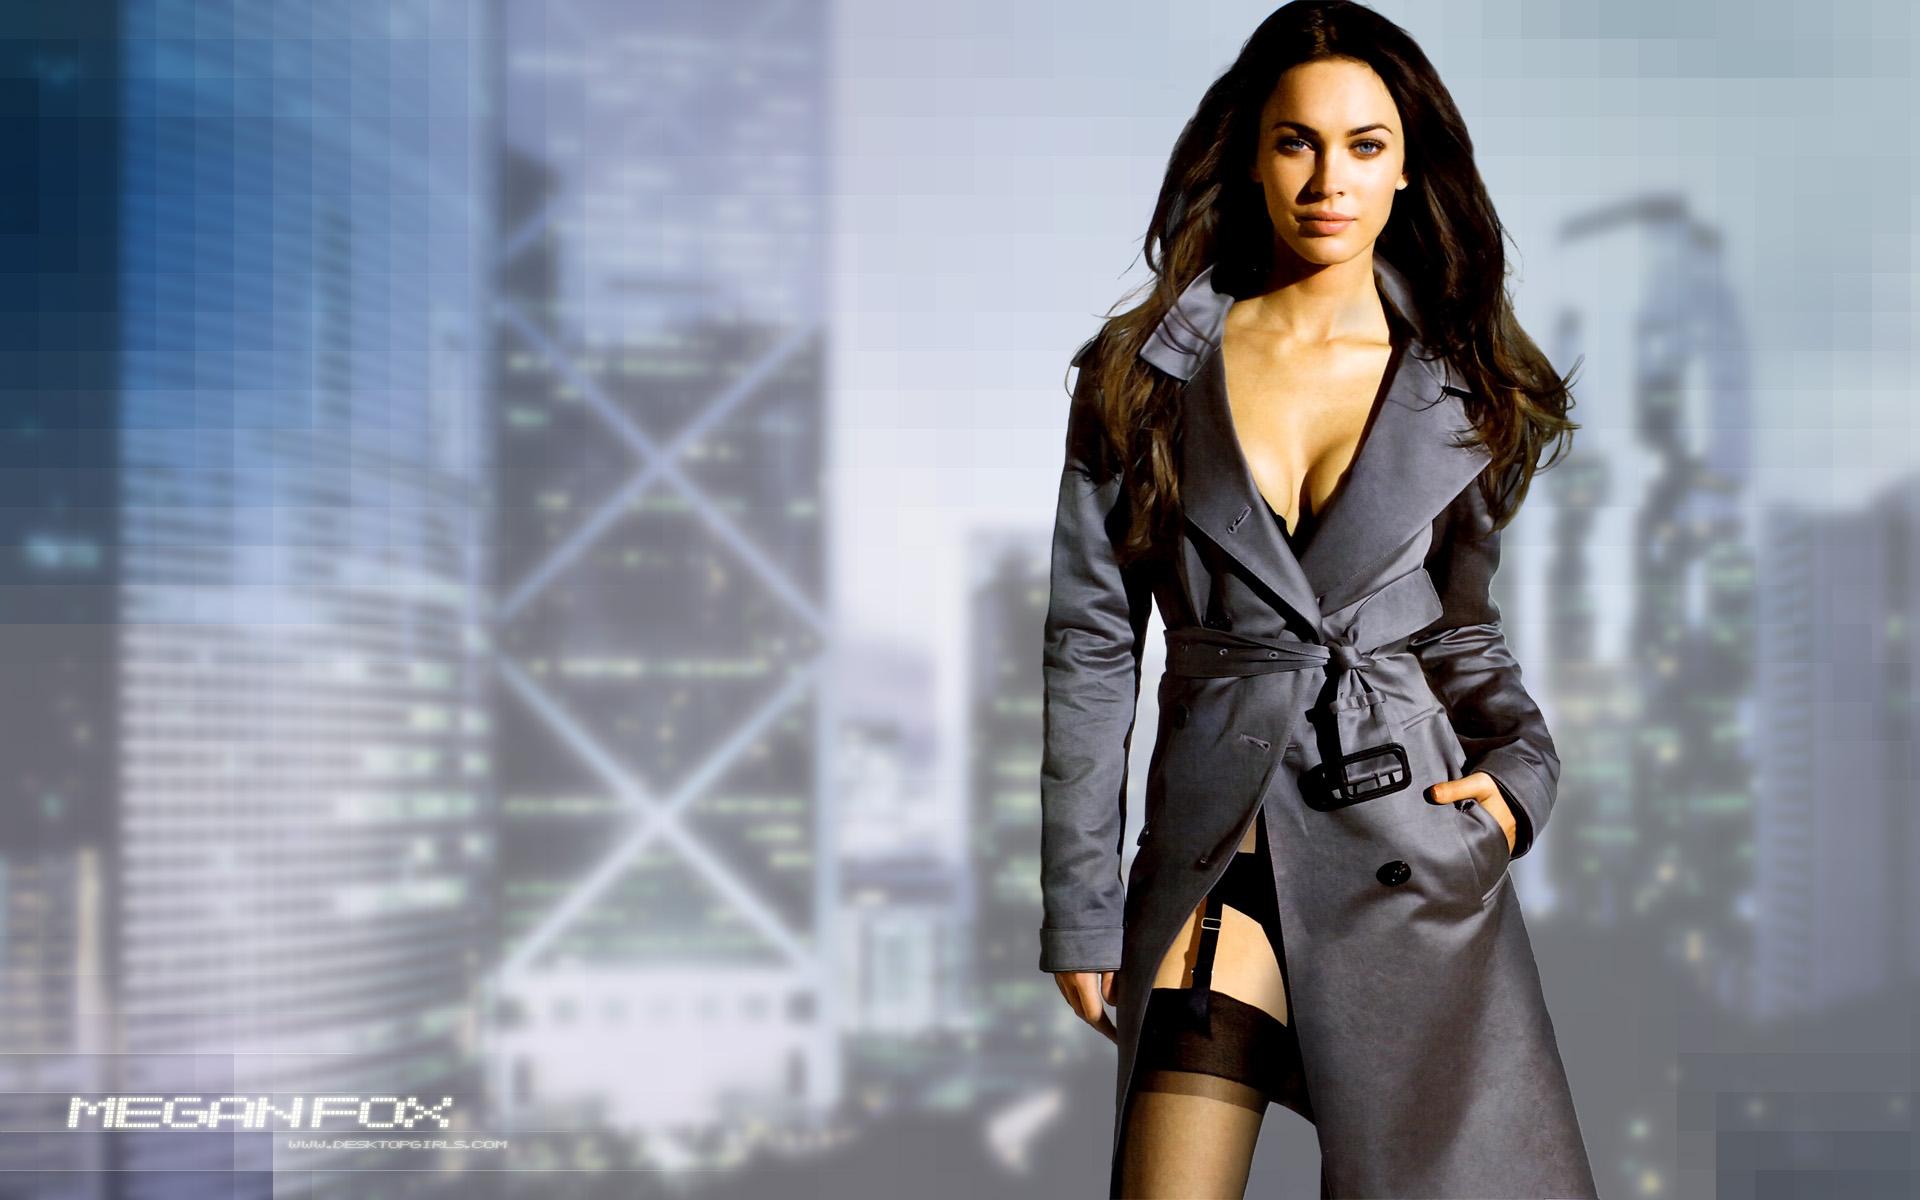 Megan Fox Actor Celebrity Wallpaper Celebrities Wallpaper Background 1920x1200